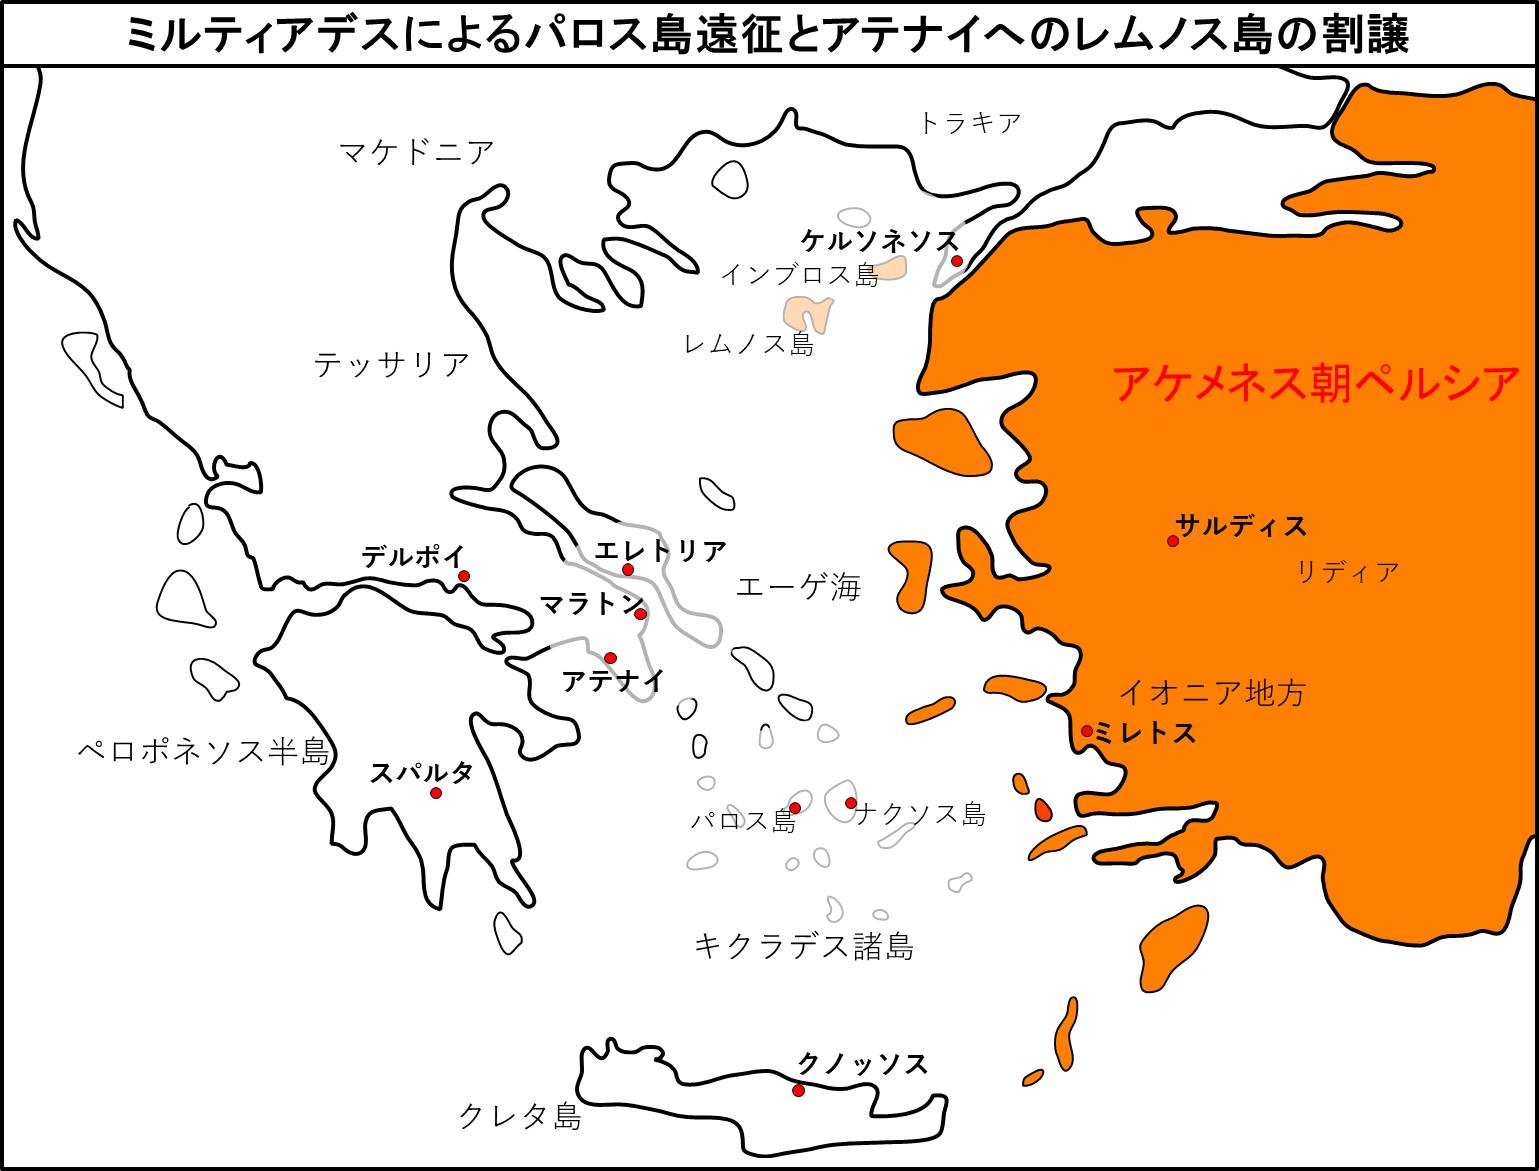 ミルティアデスによるパロス島遠征とアテナイへのレムノス島の割譲